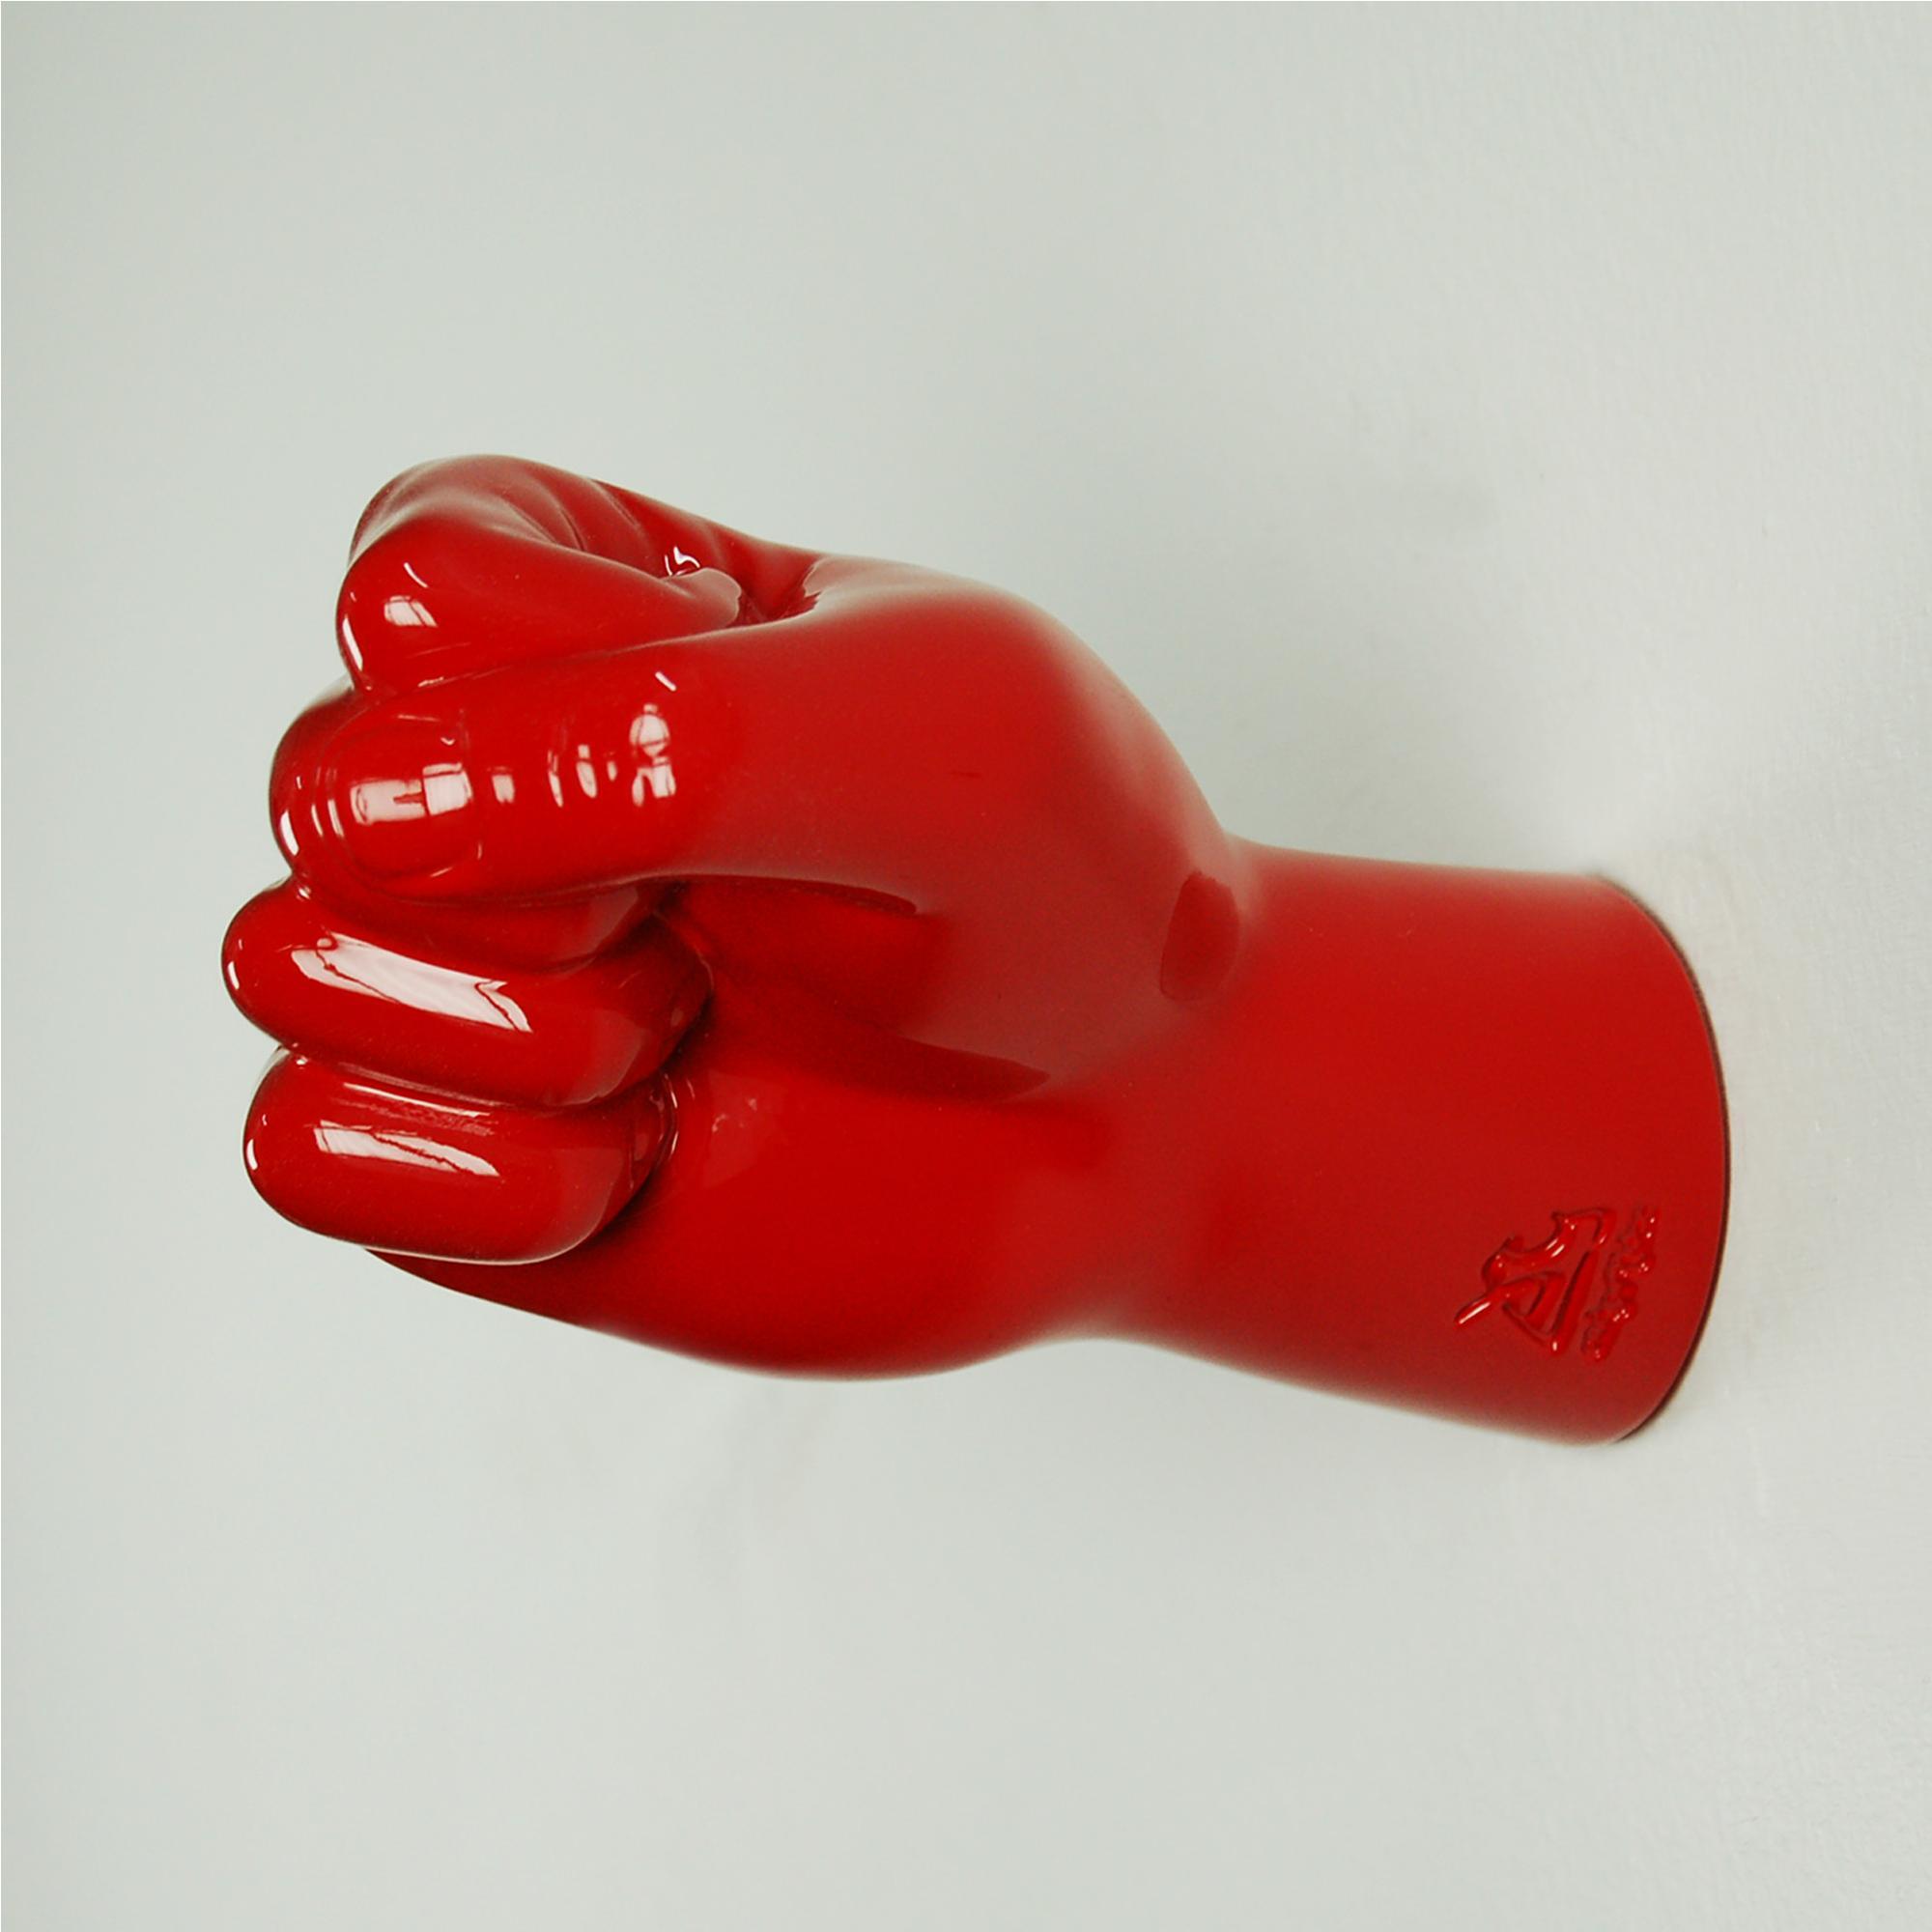 Antartidee Appendiabiti da parete Gancio dx rosso decorato a mano